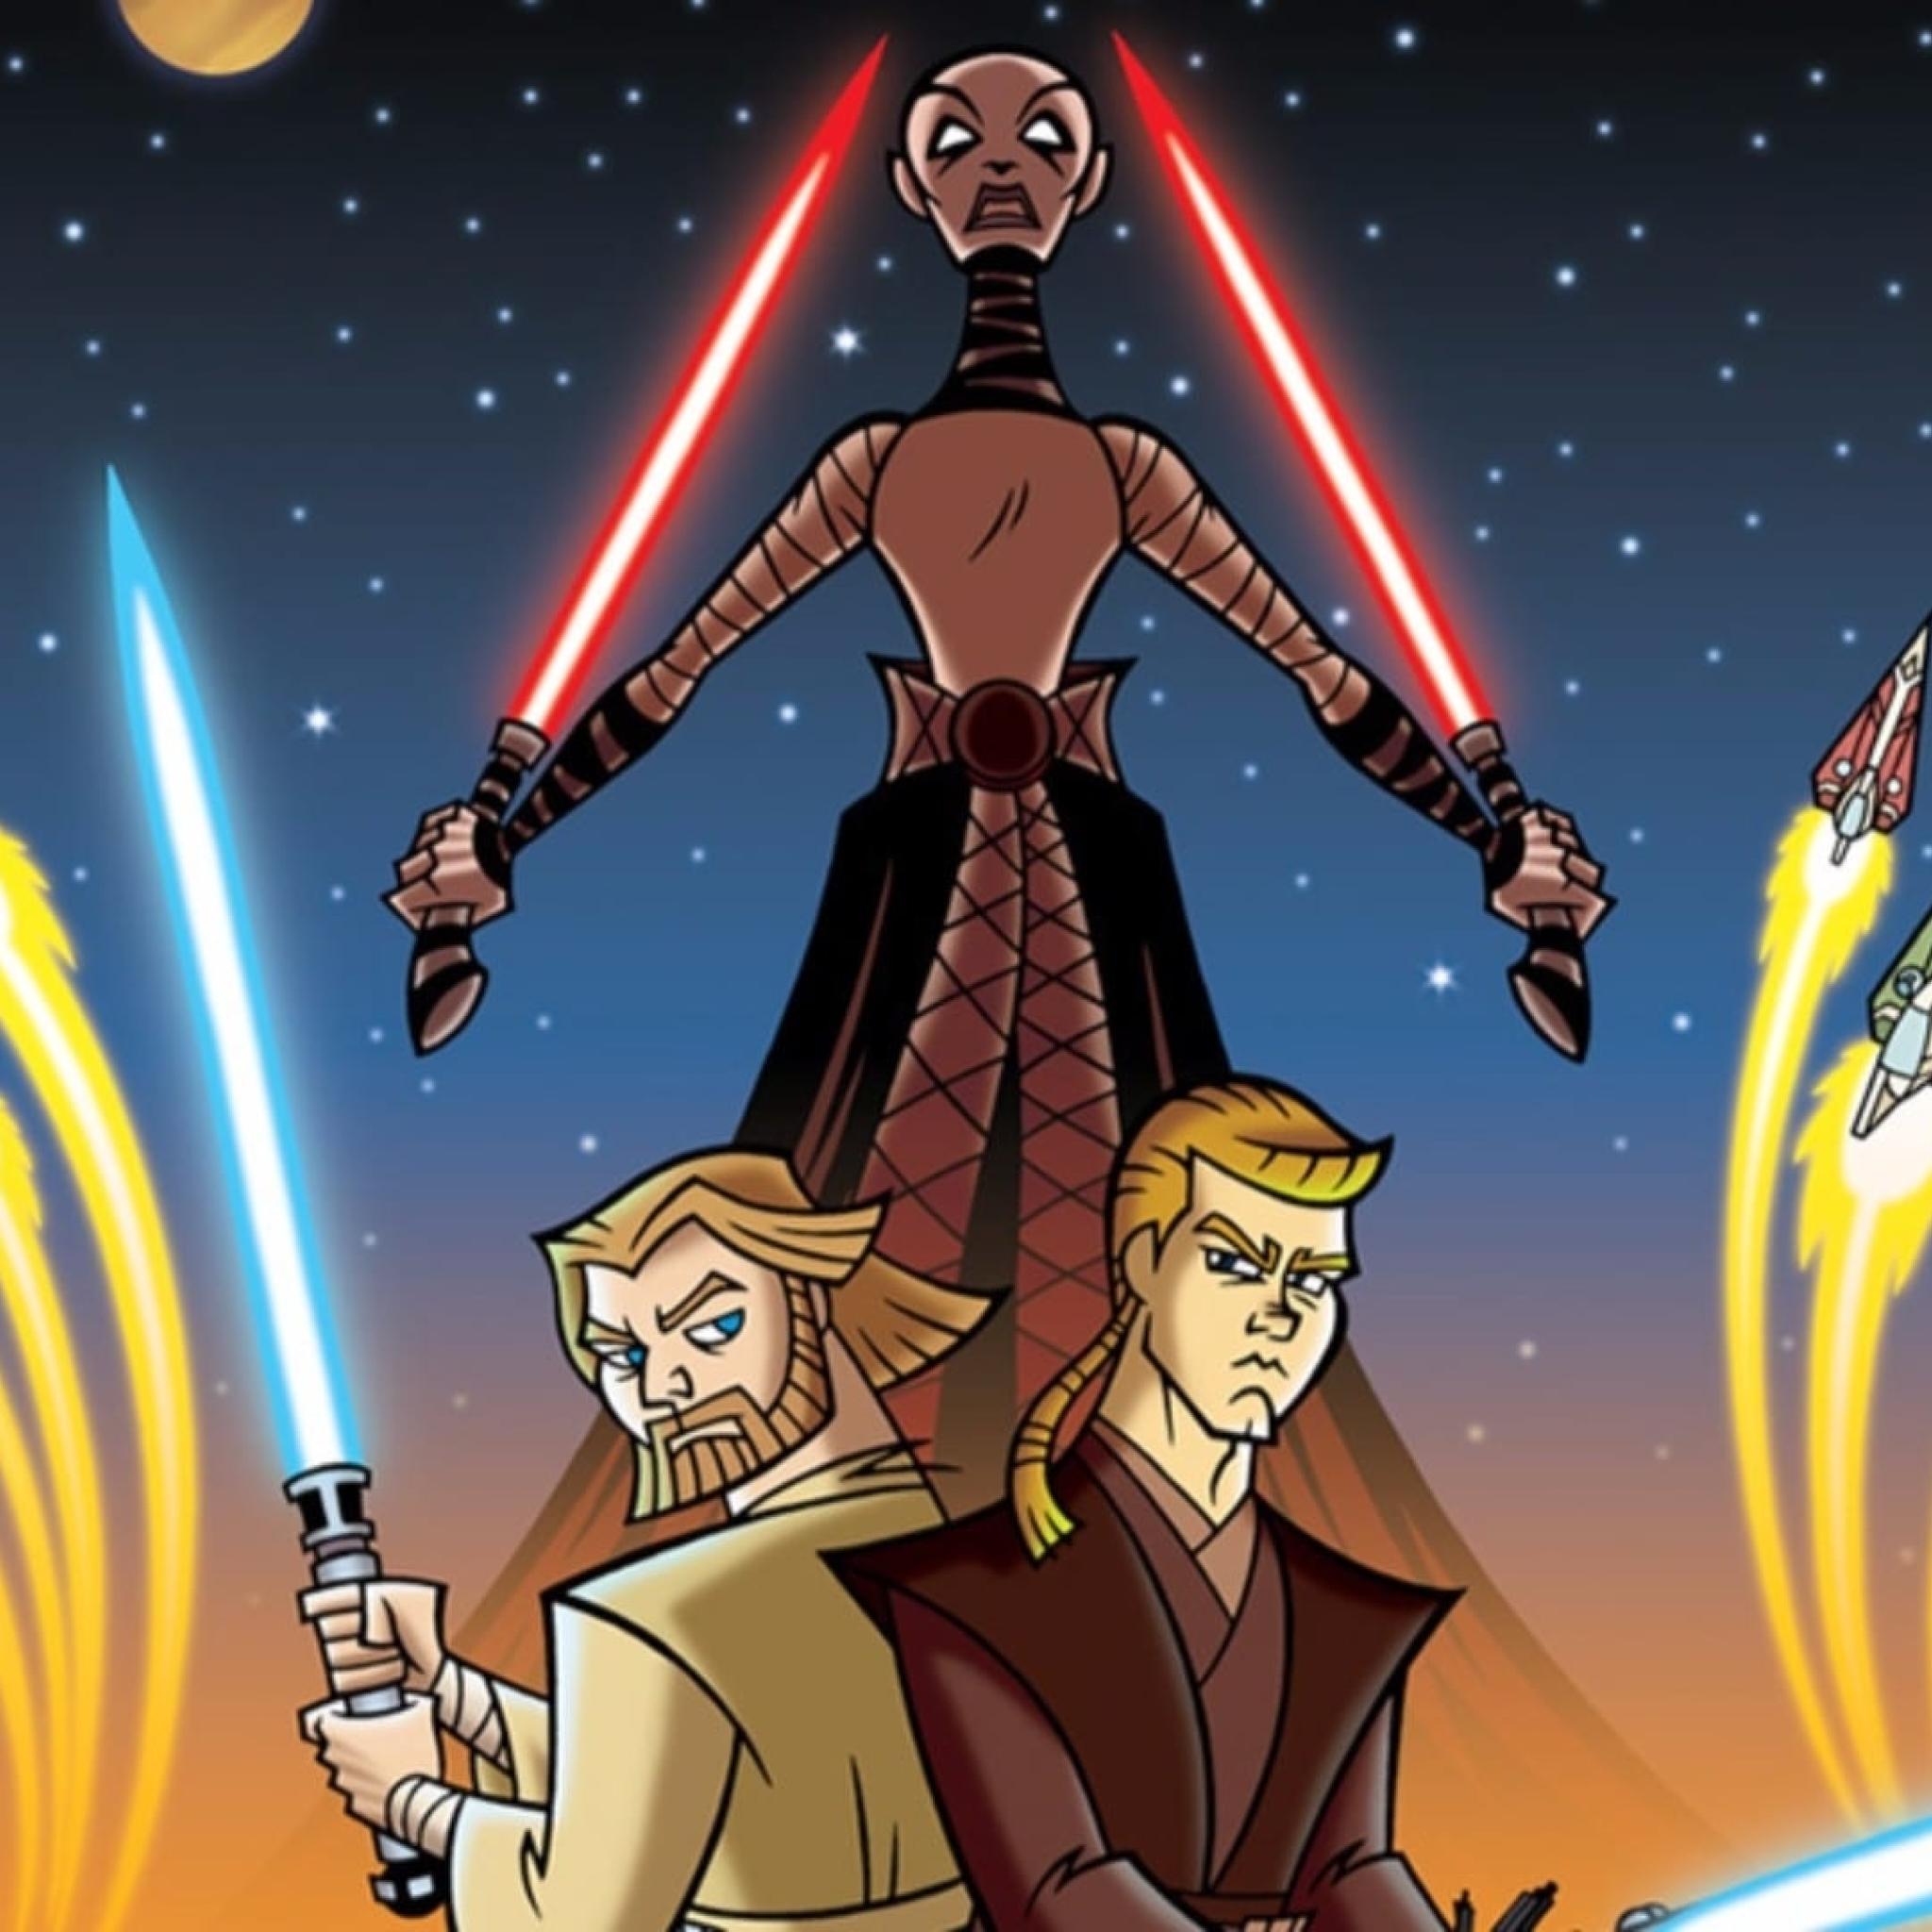 Star Wars Clone Wars 2003 Poster 2048x2048 Wallpaper Teahub Io